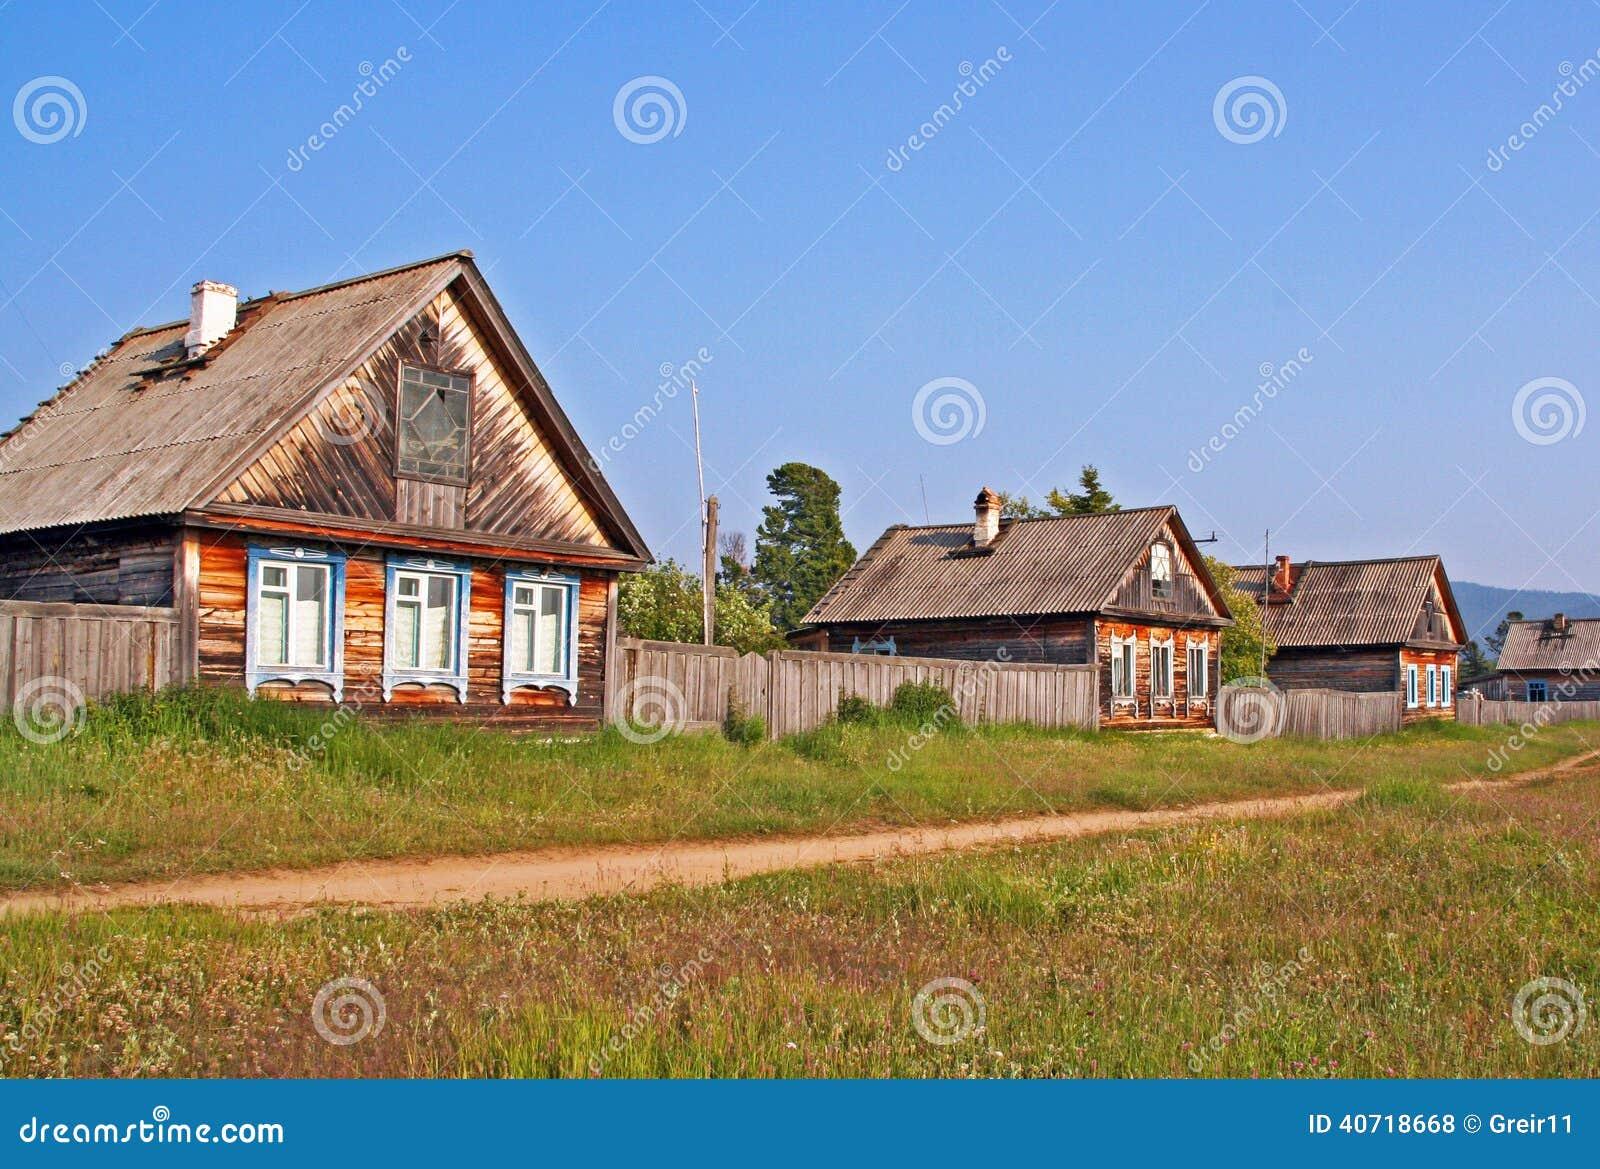 Lake white russian village